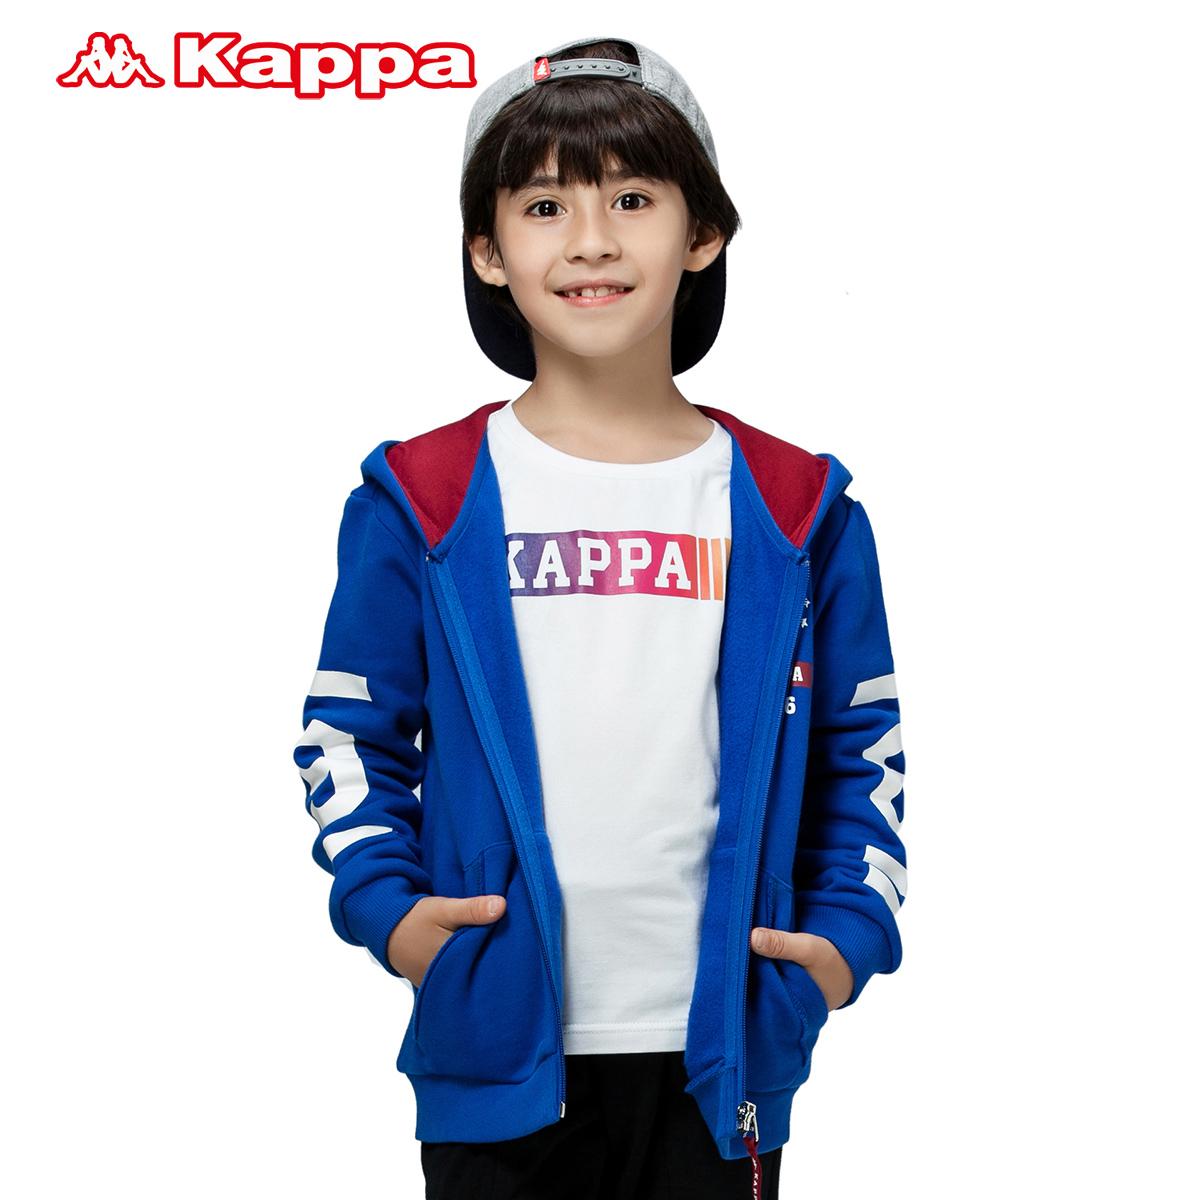 Kappa джемпер доставка